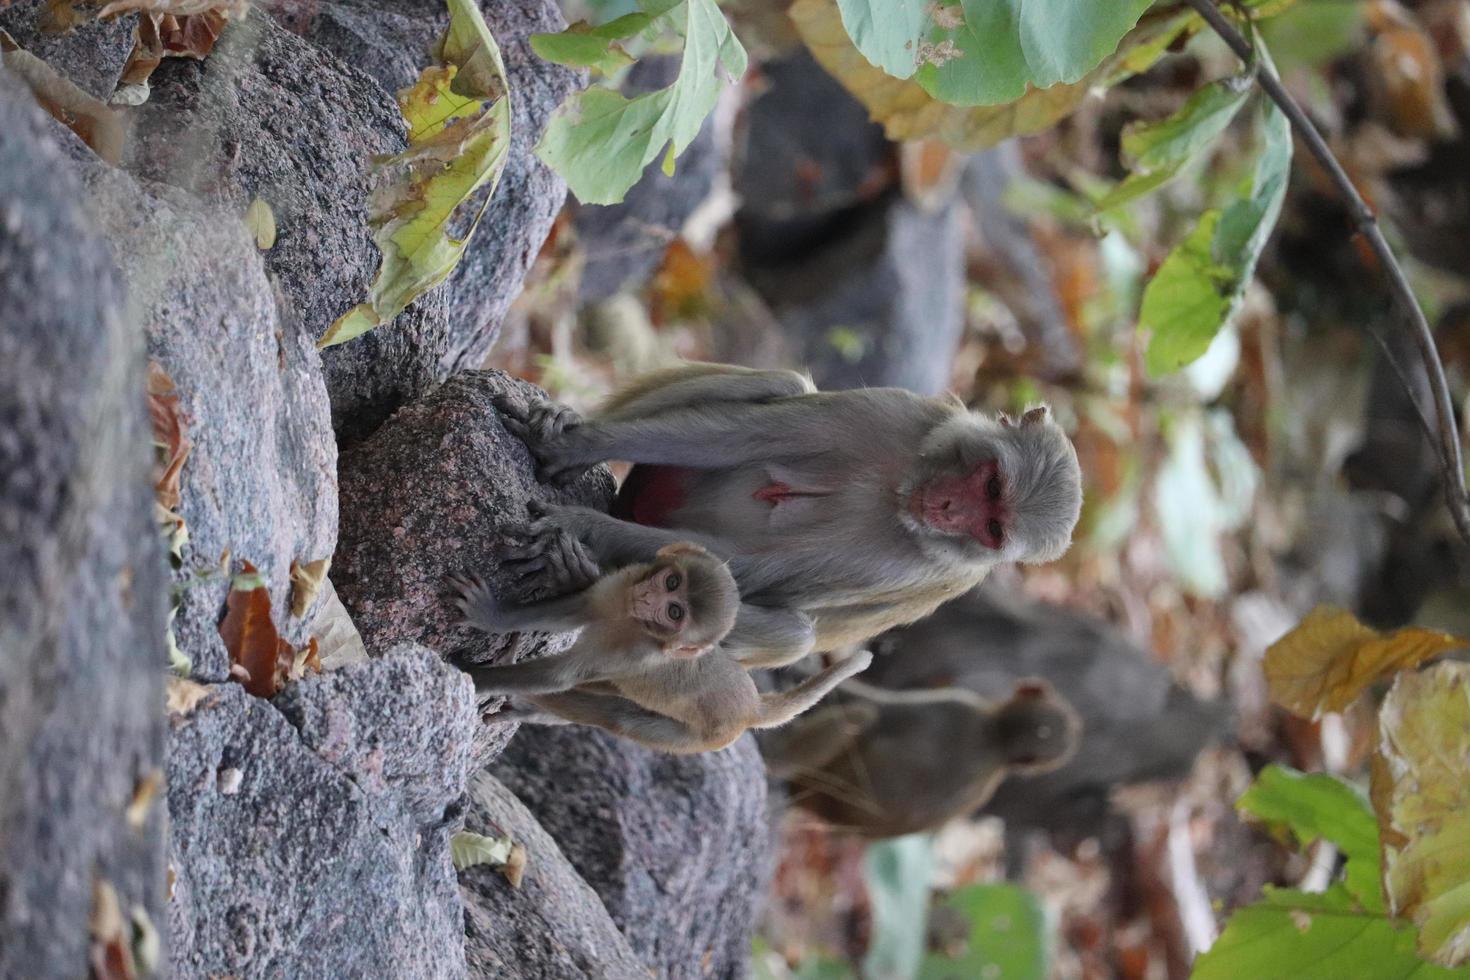 erwachsene und kleine Affen foto